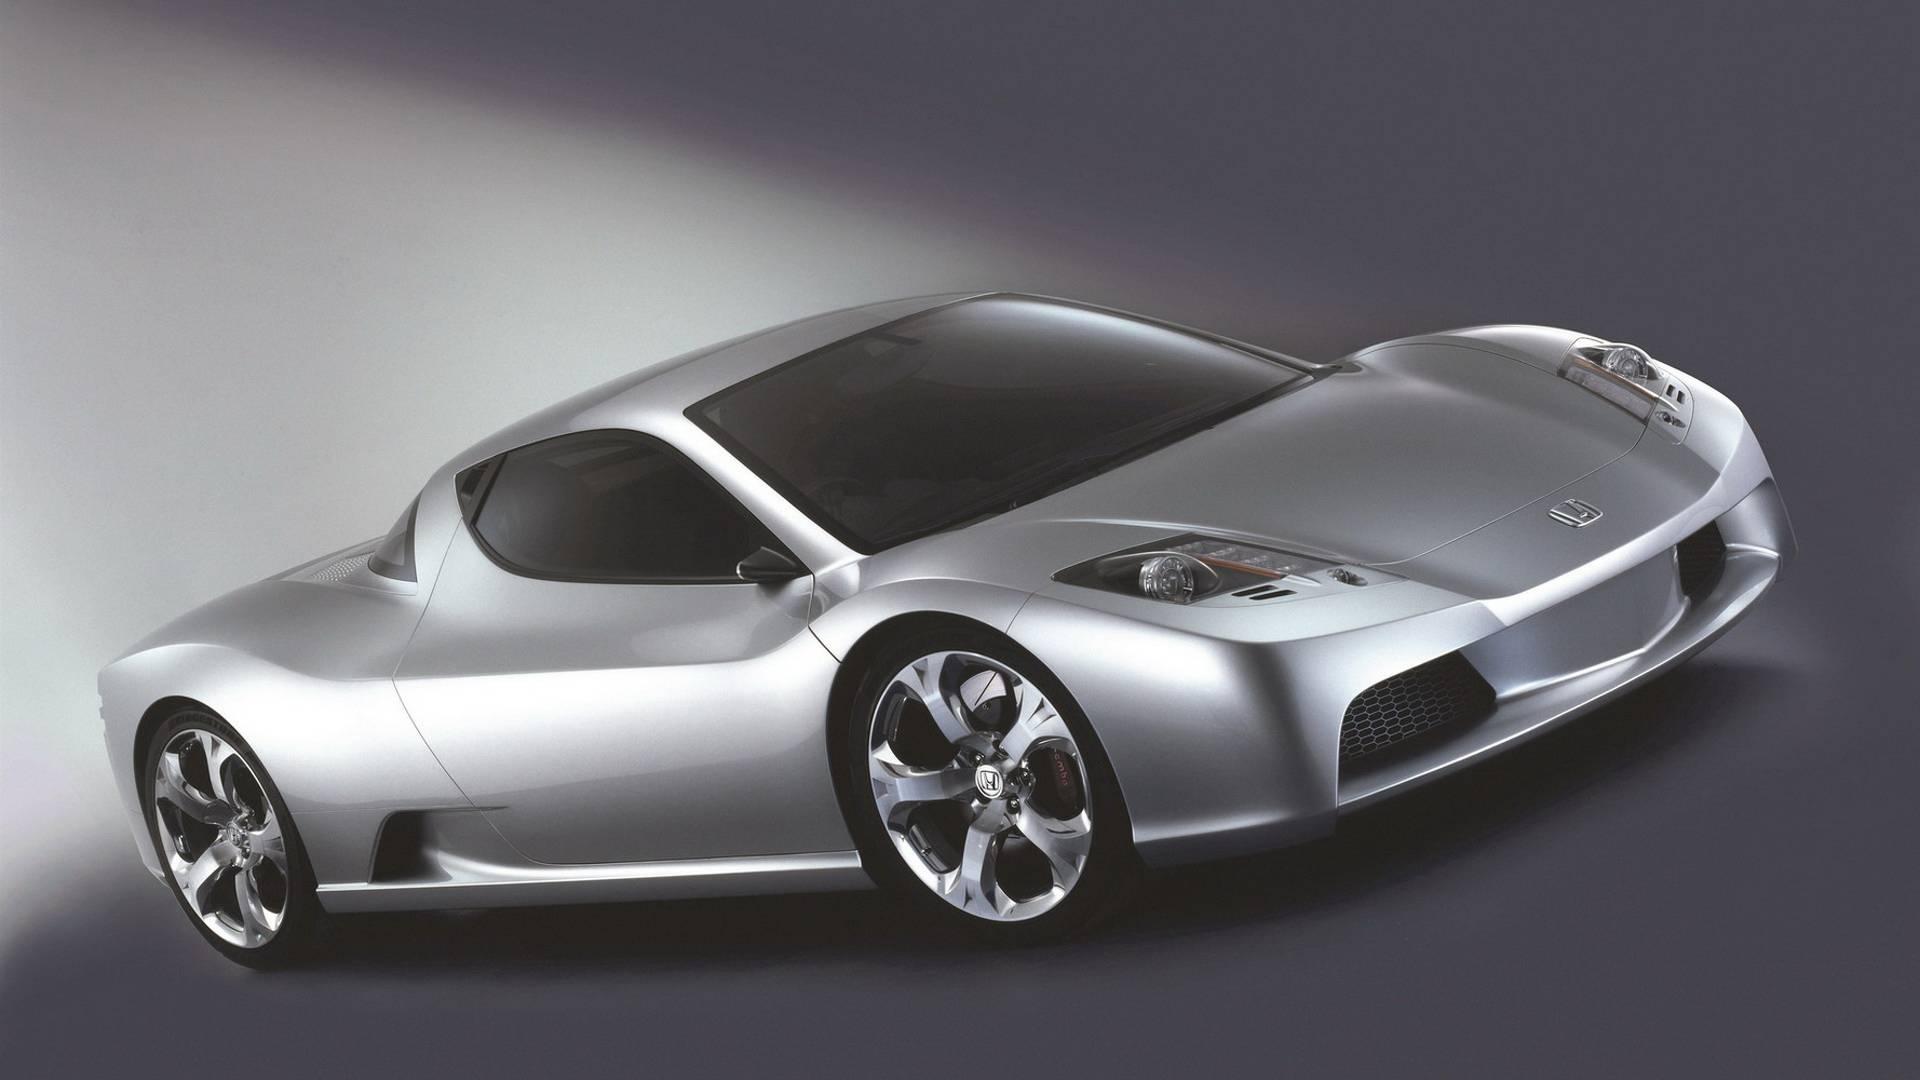 2003 honda hsc concept هوندا HSC مدل ۲۰۰۳ بررسی و نقد   اجاره ماشین